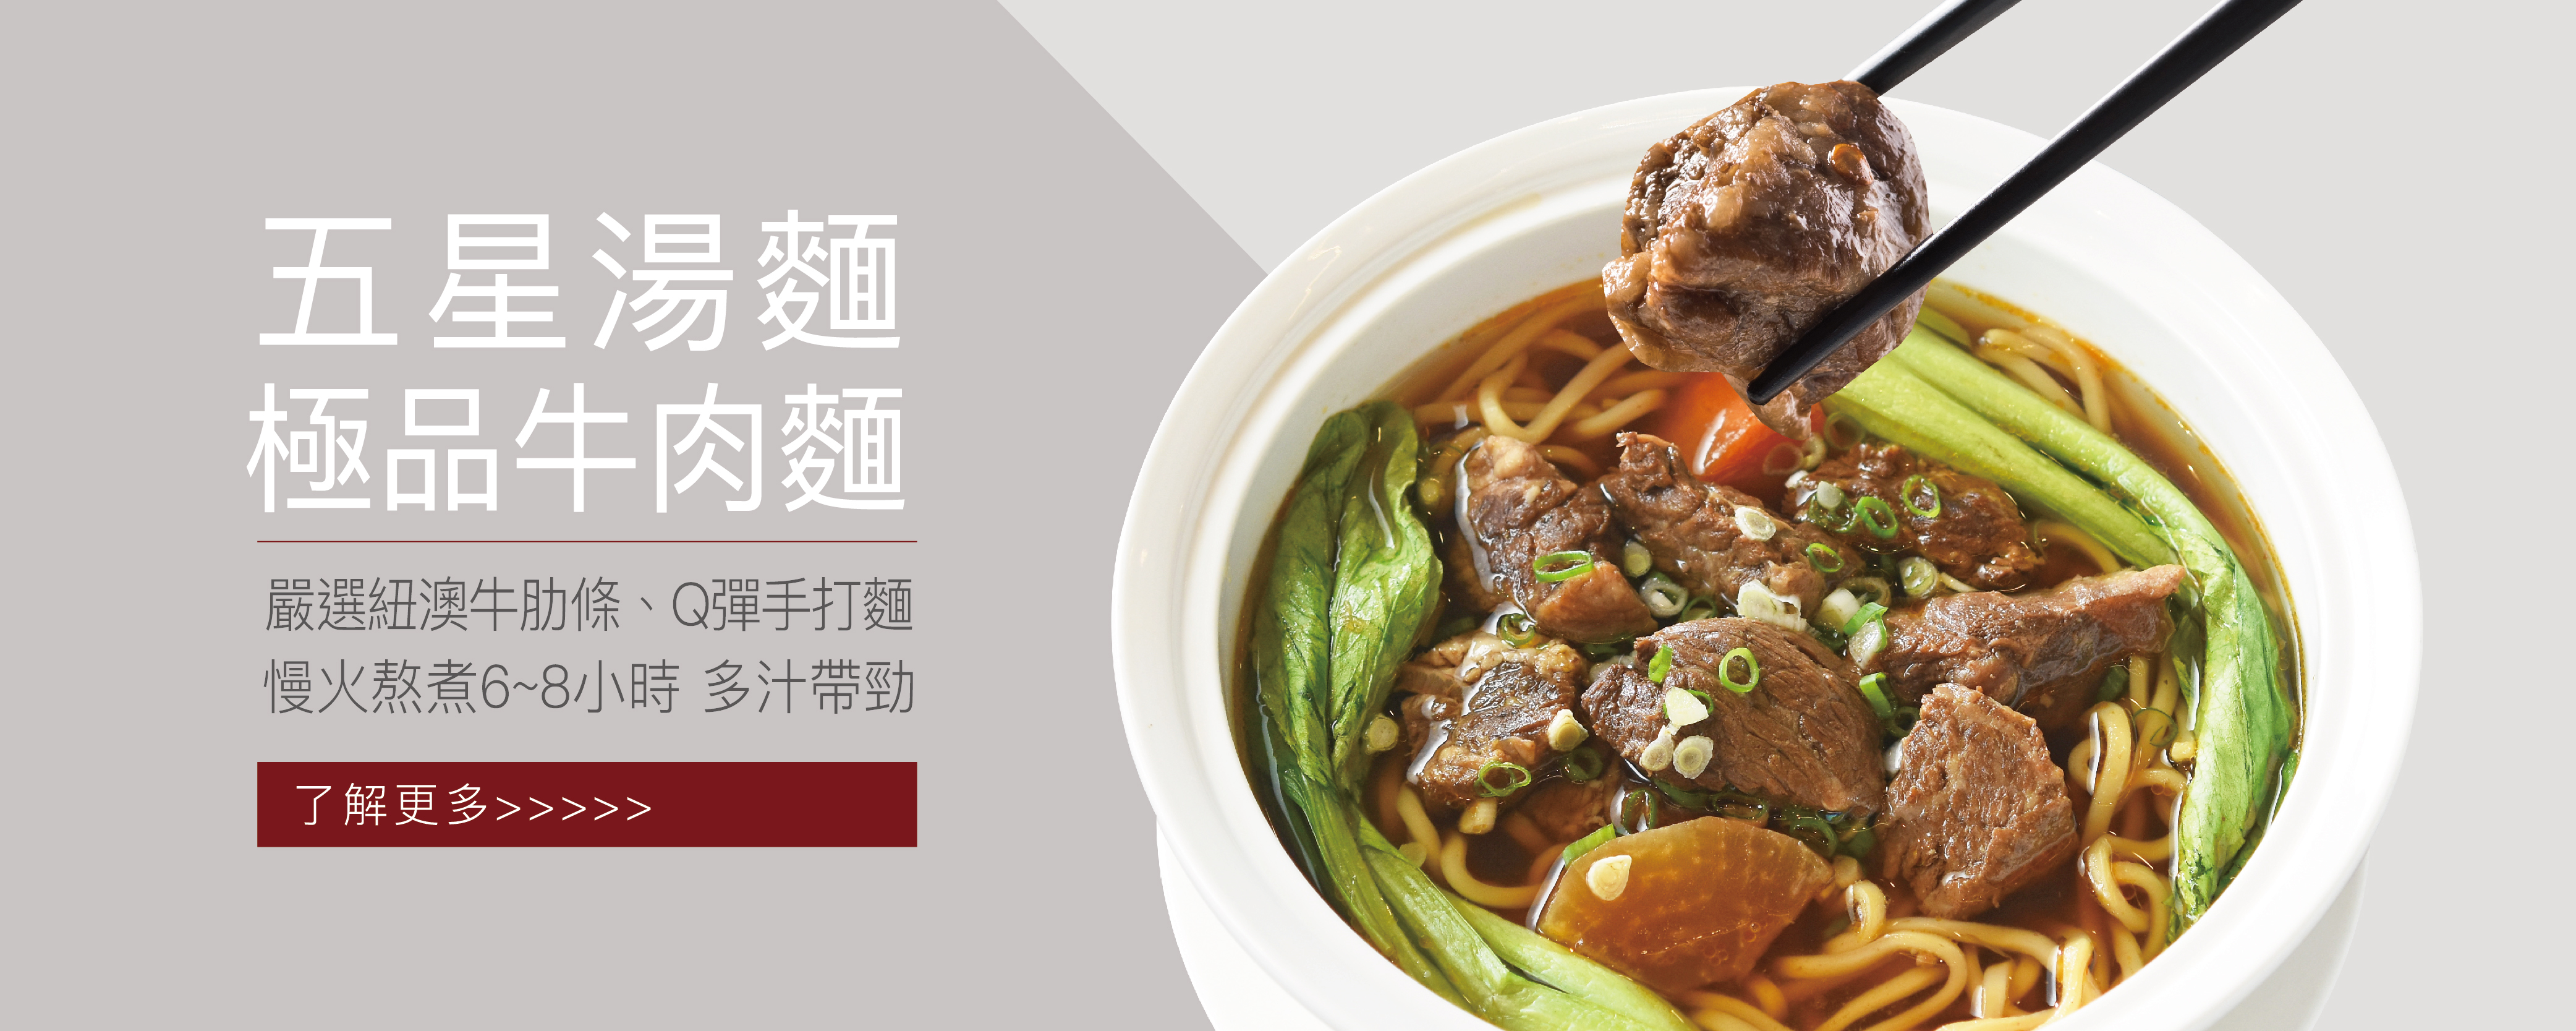 六福皇宮極品牛肉麵,常溫牛肉麵方便保存,牛肋條+精選手打麵